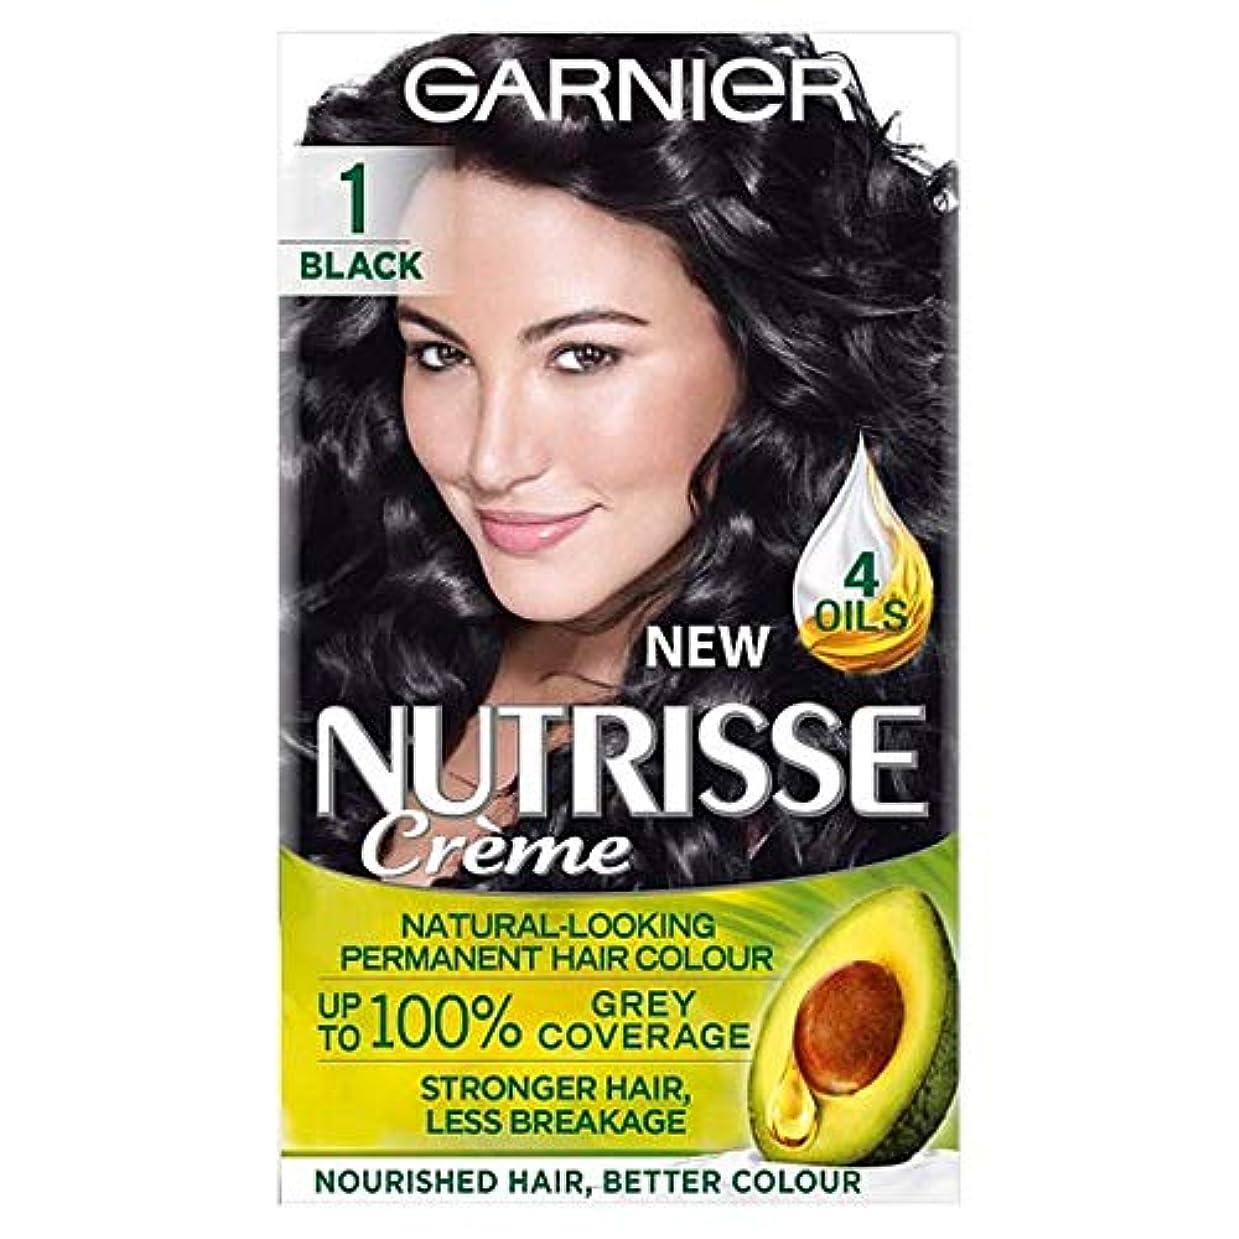 カセット独立して時制[Nutrisse] ガルニエNutrisse 1黒のパーマネントヘアダイ - Garnier Nutrisse 1 Black Permanent Hair Dye [並行輸入品]